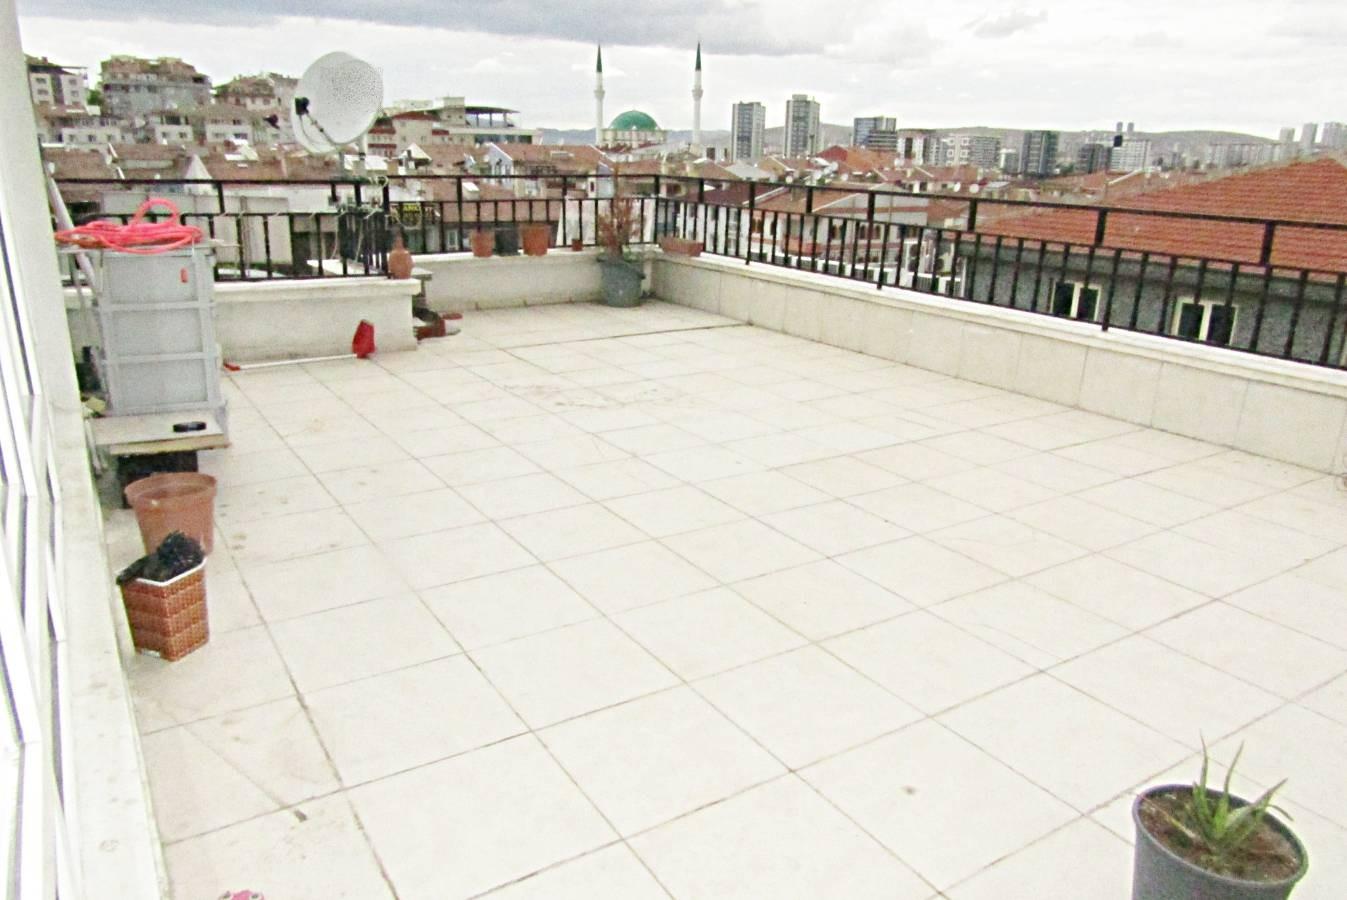 SR EMLAK'TAN TOPÇU MAH'DE 4+1 250 m² YAPILI ÖN CEPHE EBEVEYN BANYOLU MANZARALI TERAS